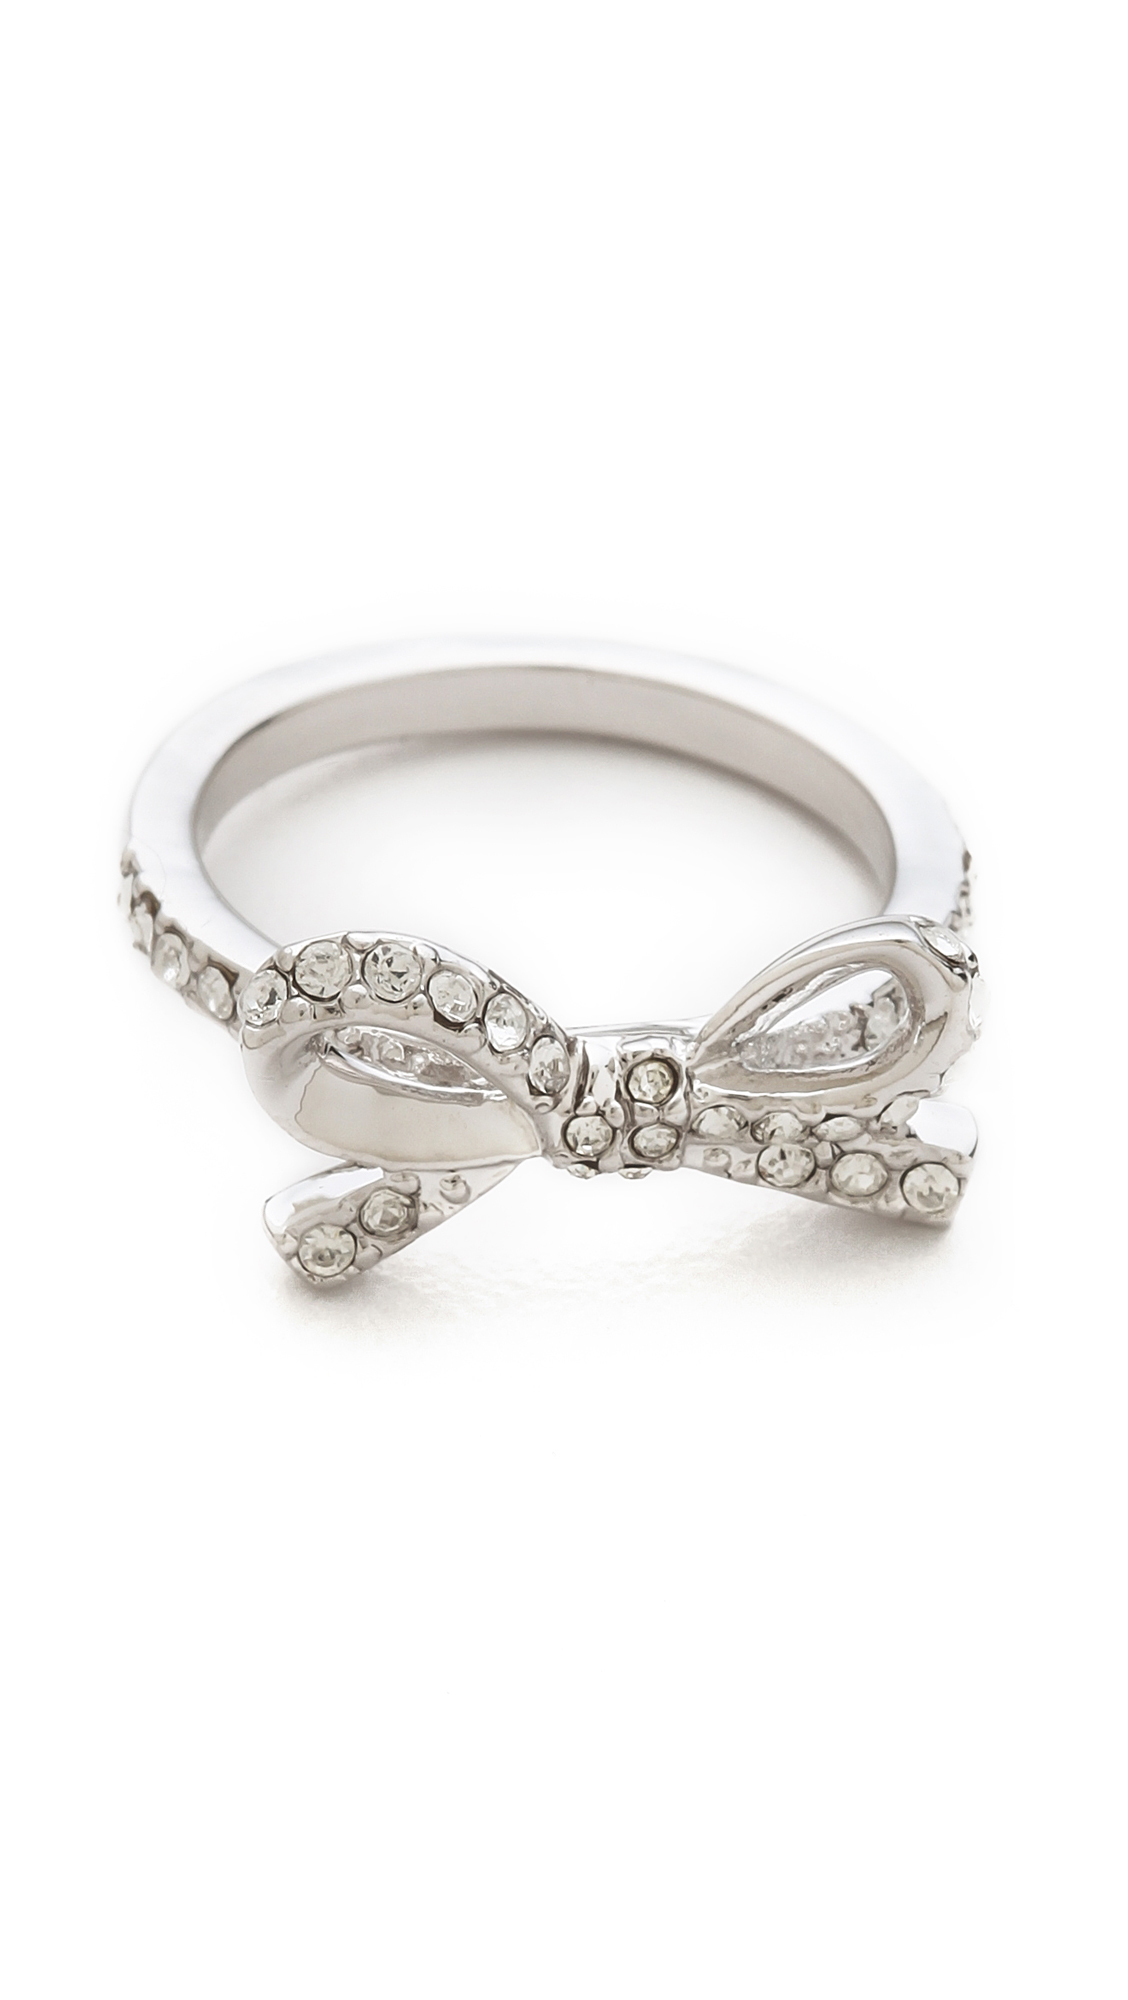 Ring Bow Il Gioiello Personalizzabile Con La Tua Nailart: Kate Spade New York Skinny Mini Pave Bow Ring In Metallic